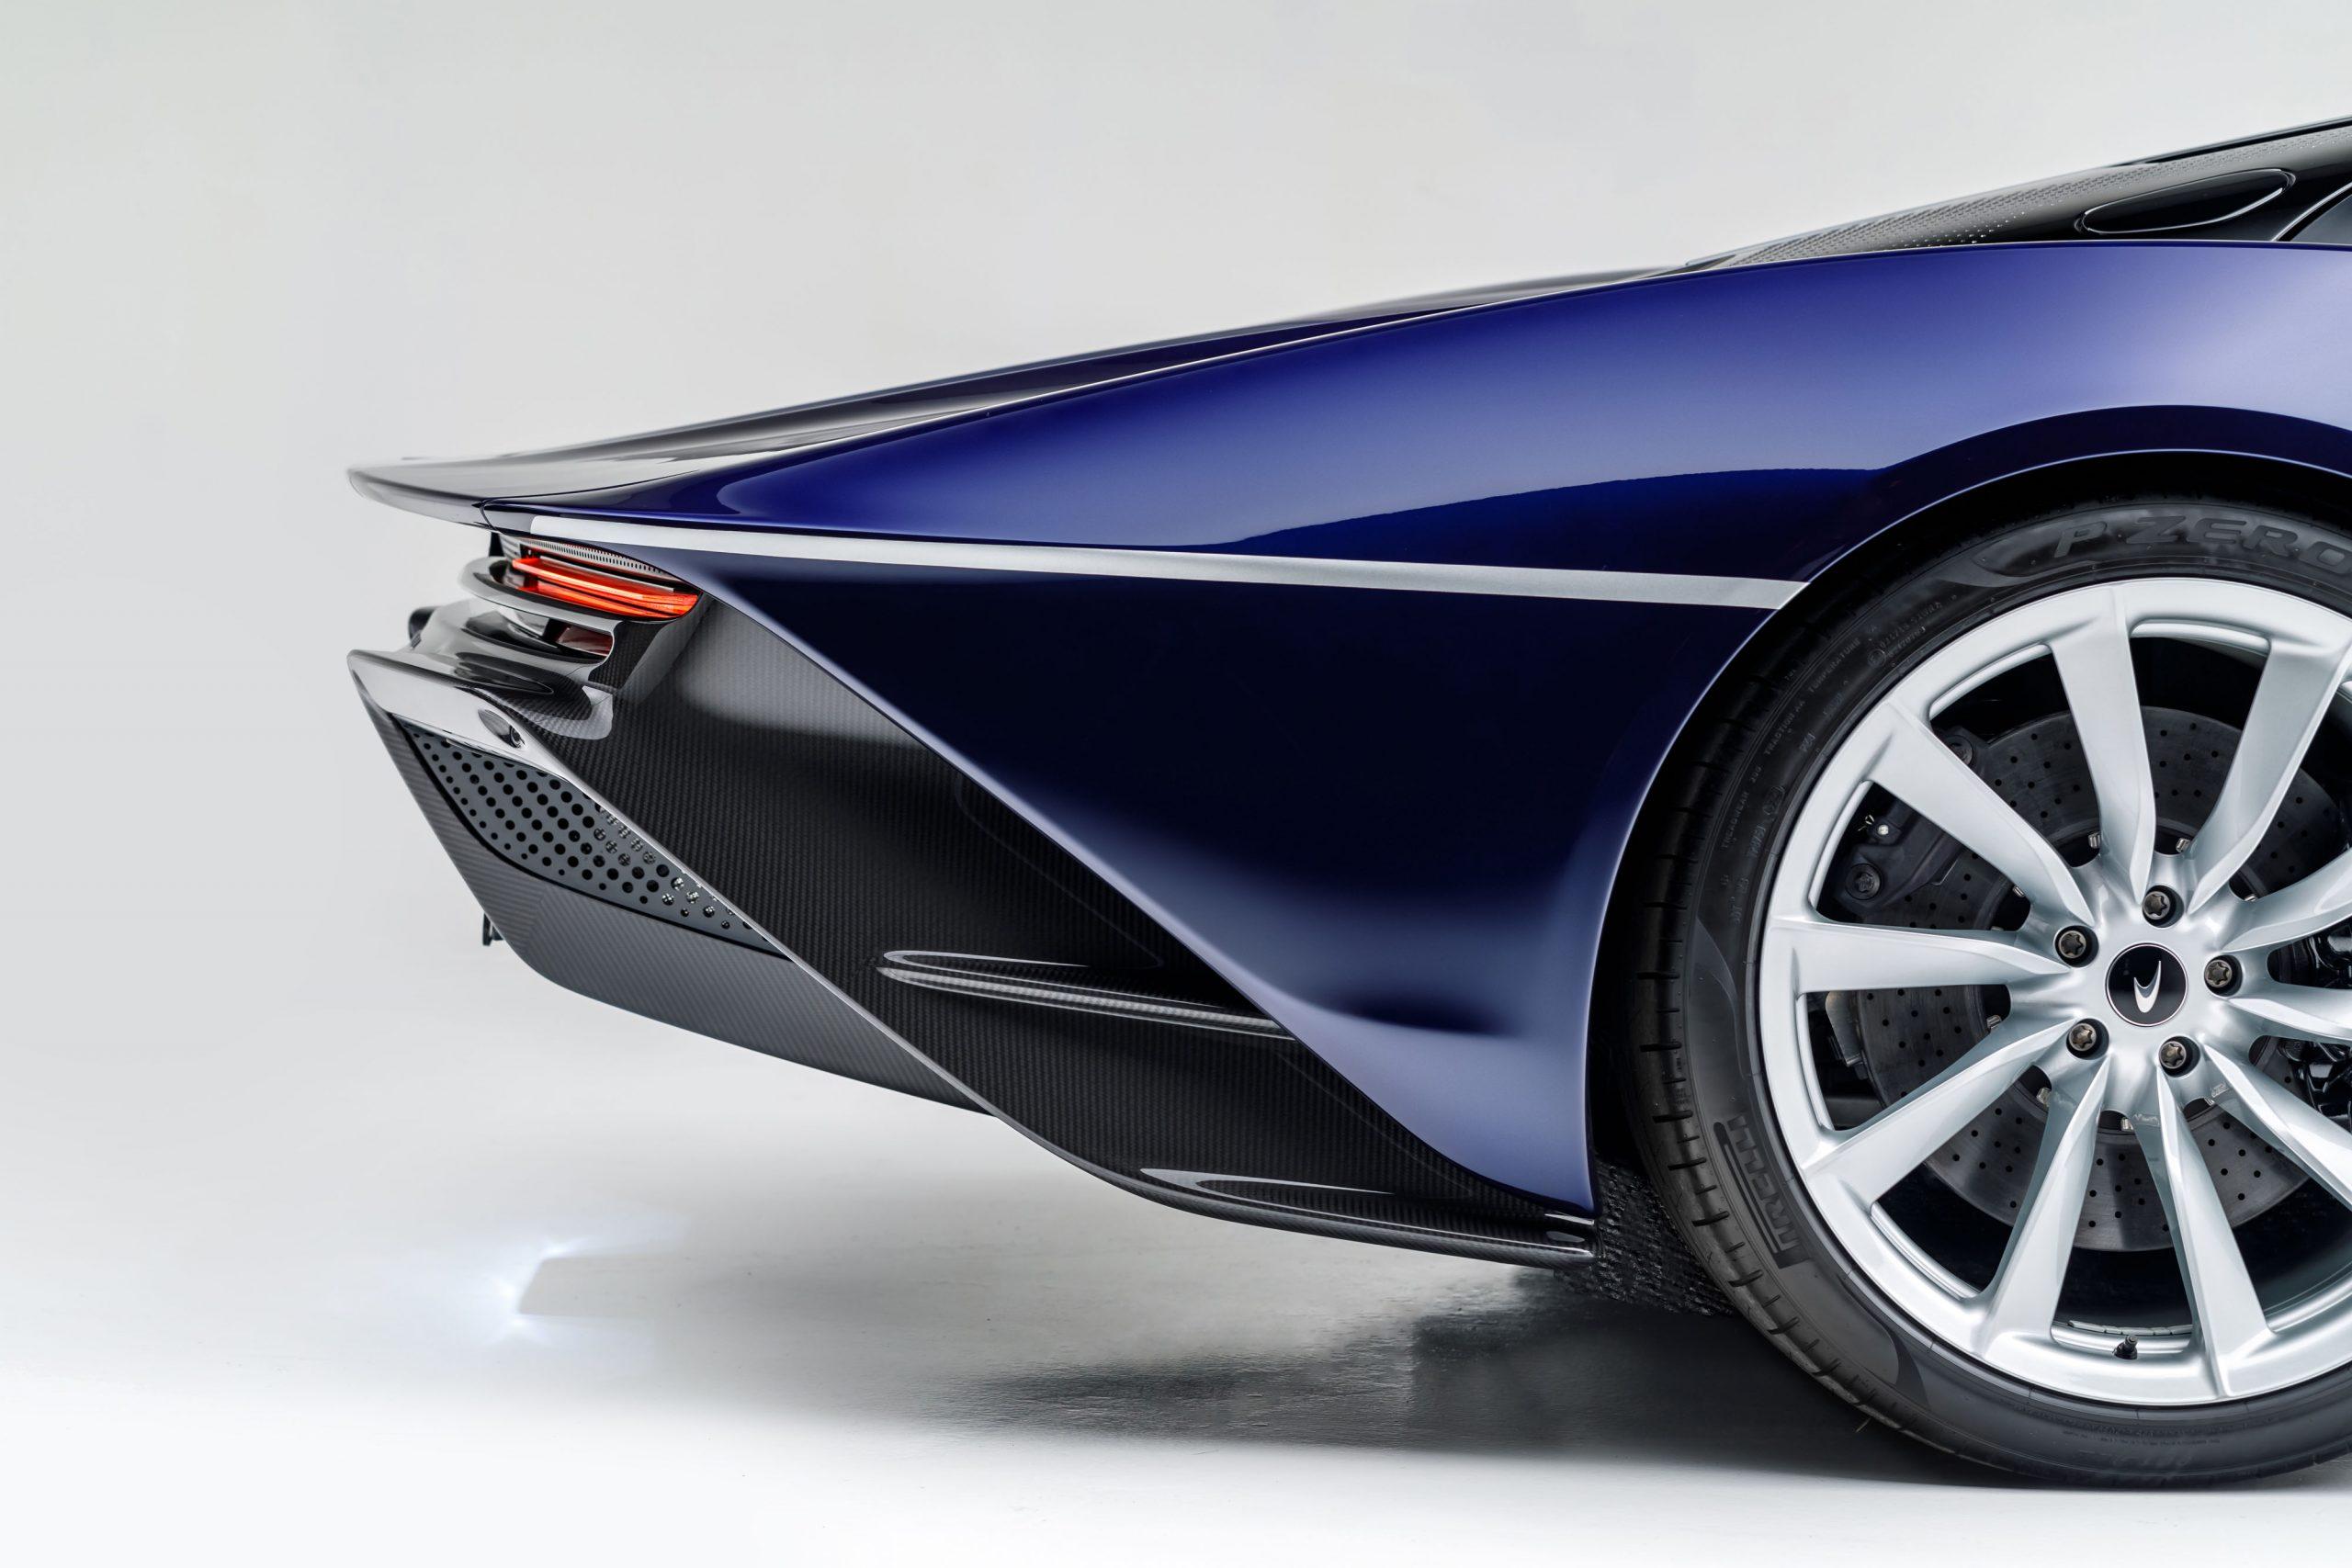 McLaren Speedtail rear fascia